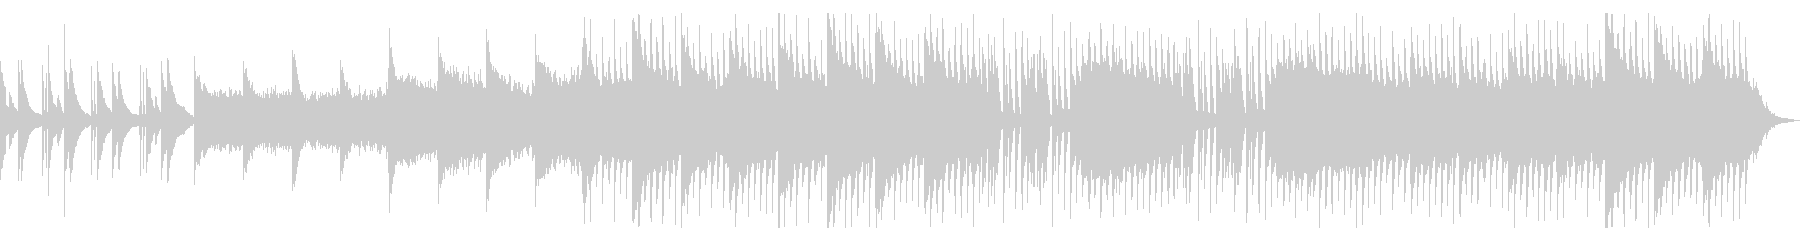 感動的かつアップテンポな曲の未再生の波形